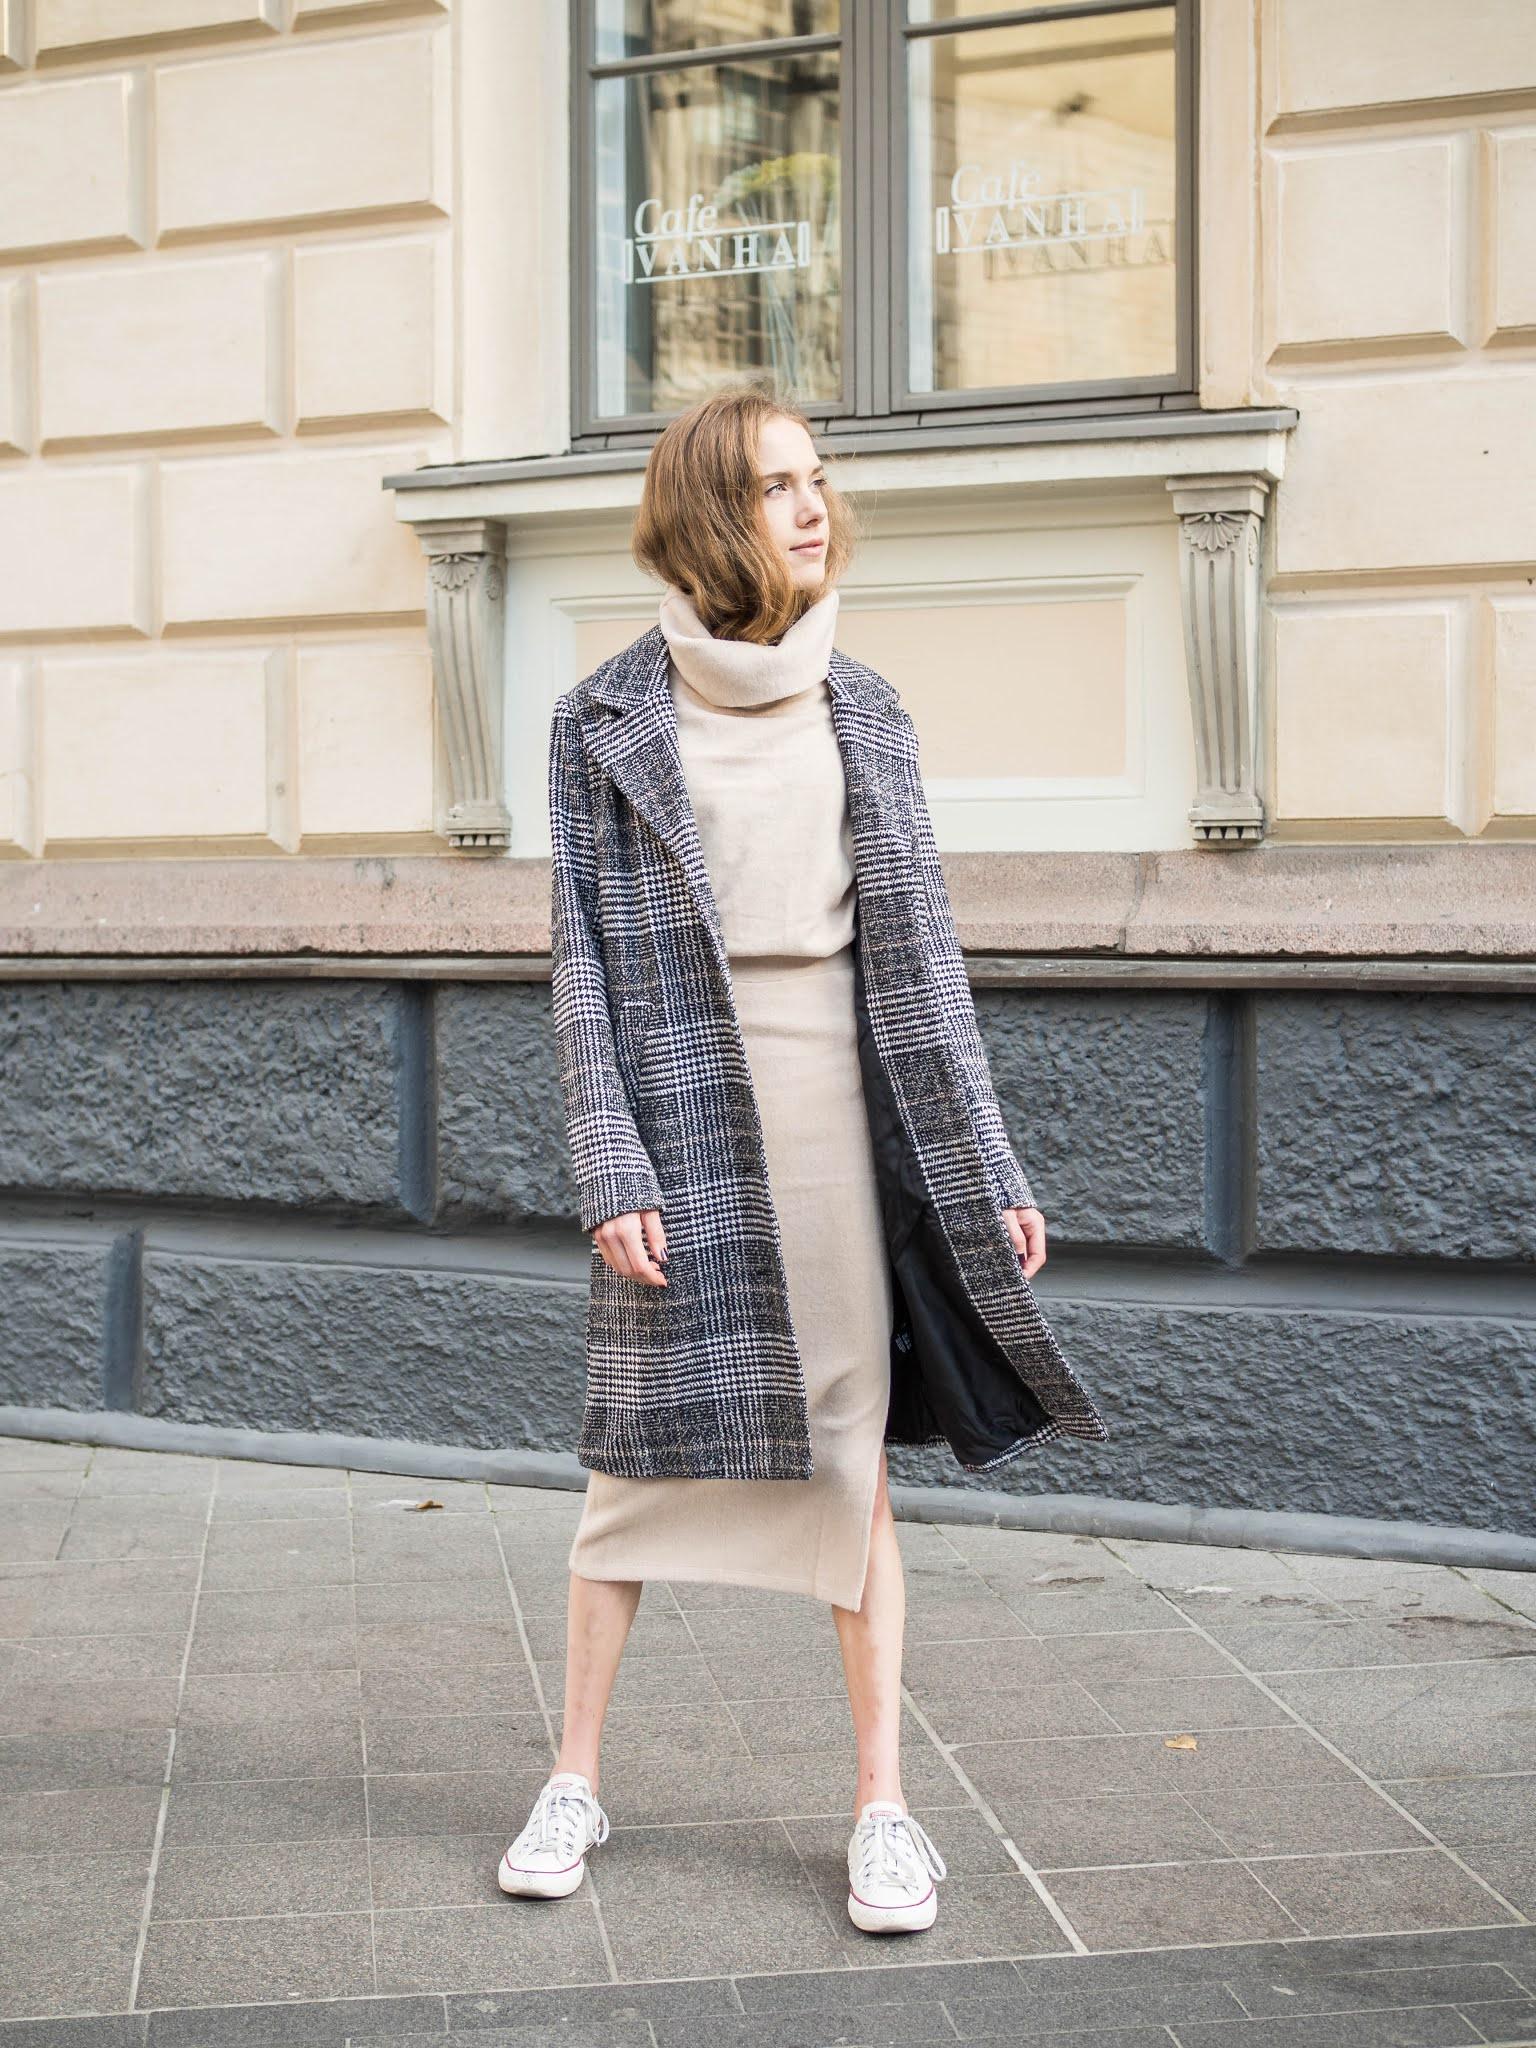 Syksyn ja talven takkimuoti // Autumn and winter coat fashion